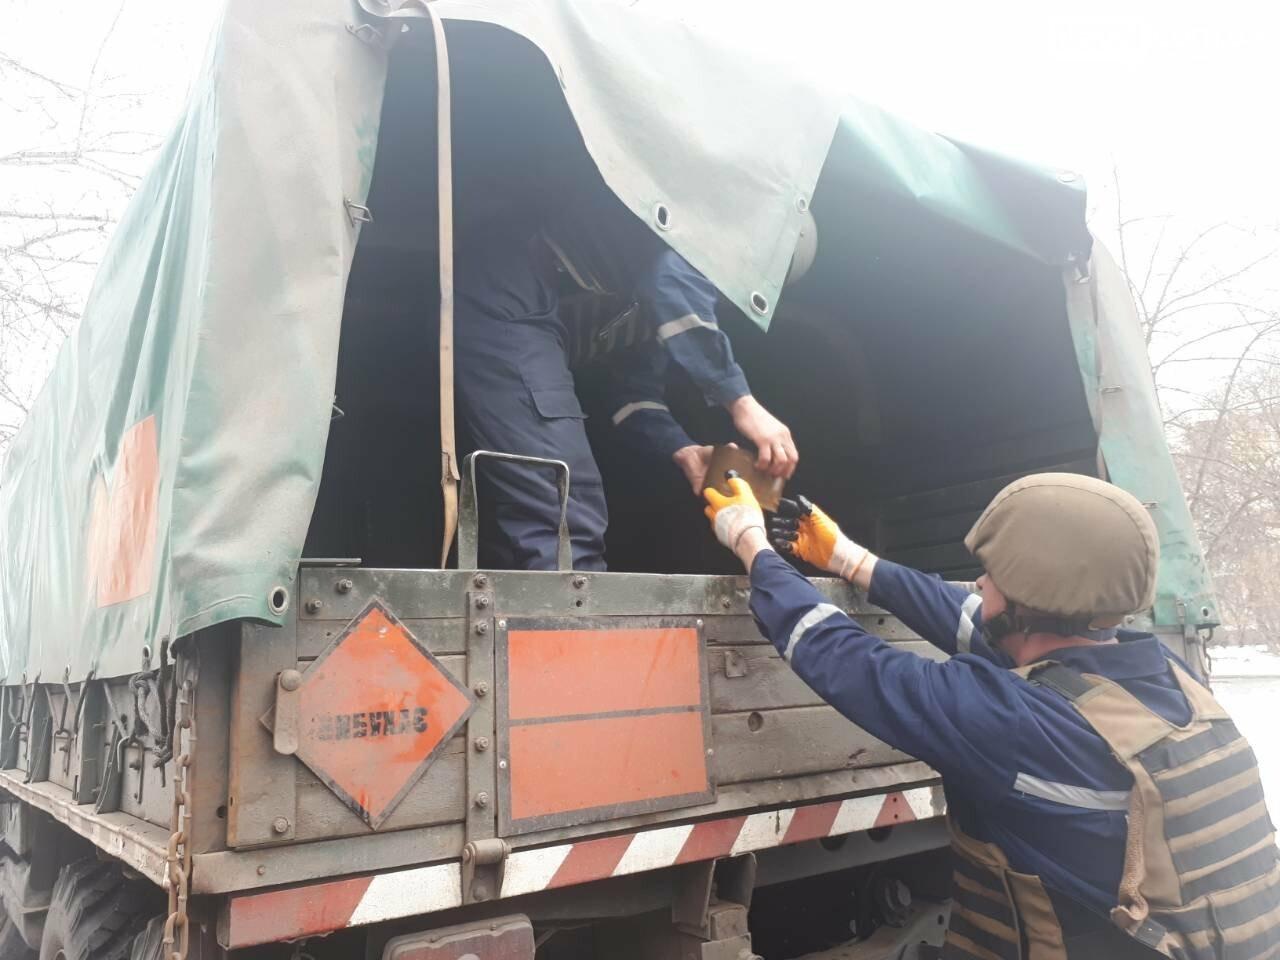 В Бахмутском районе вблизи логистического центра пиротехники изъяли более сорока взрывоопасных предметов, фото-1